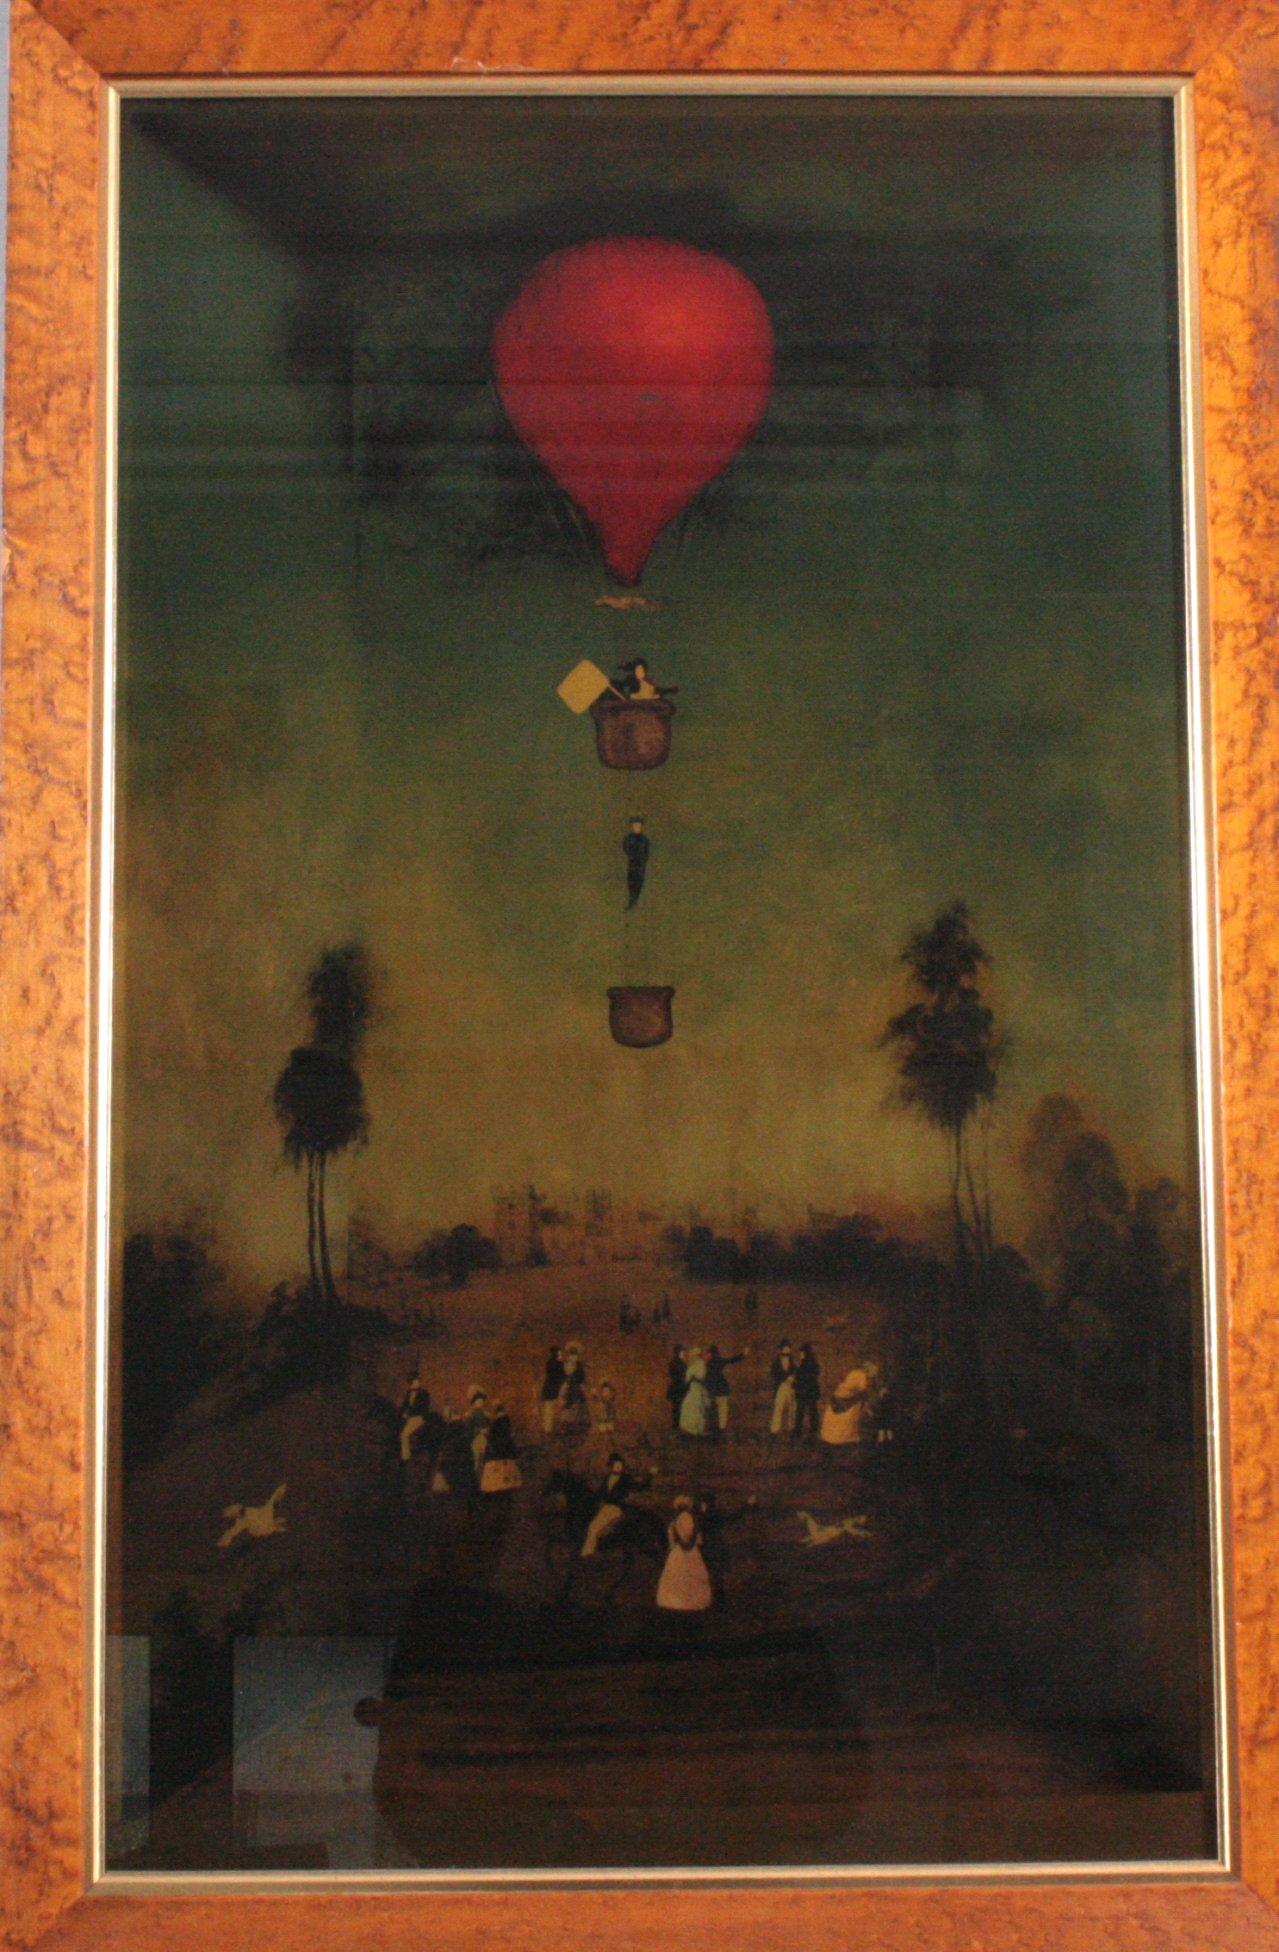 Hinterglasmalerei. Der Rote Ballon, 1970er Jahre